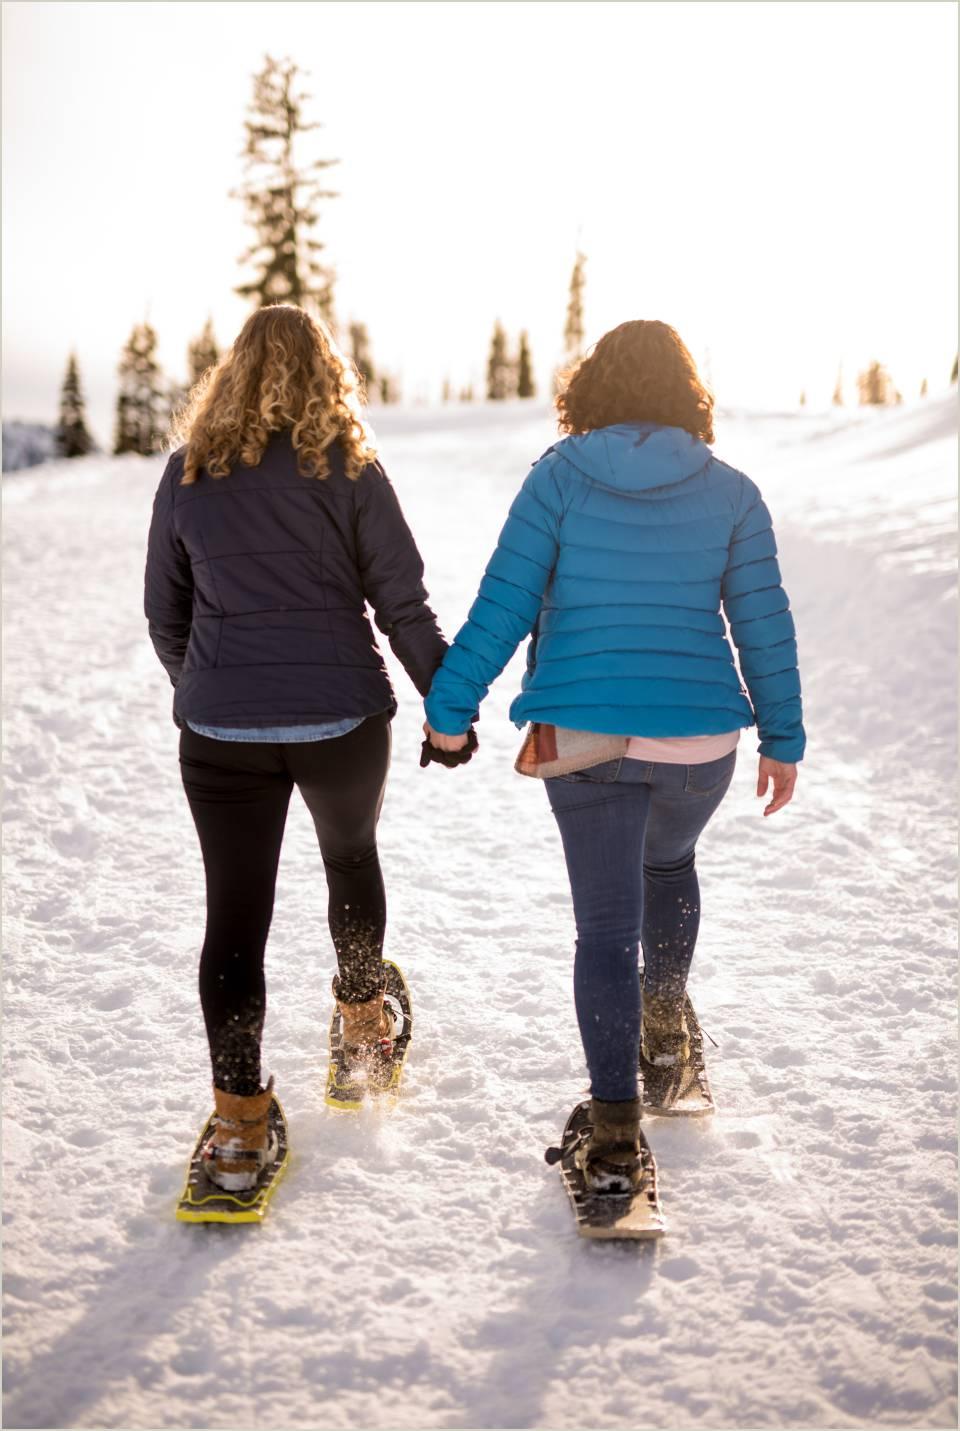 active engagement photos for adventurous couples